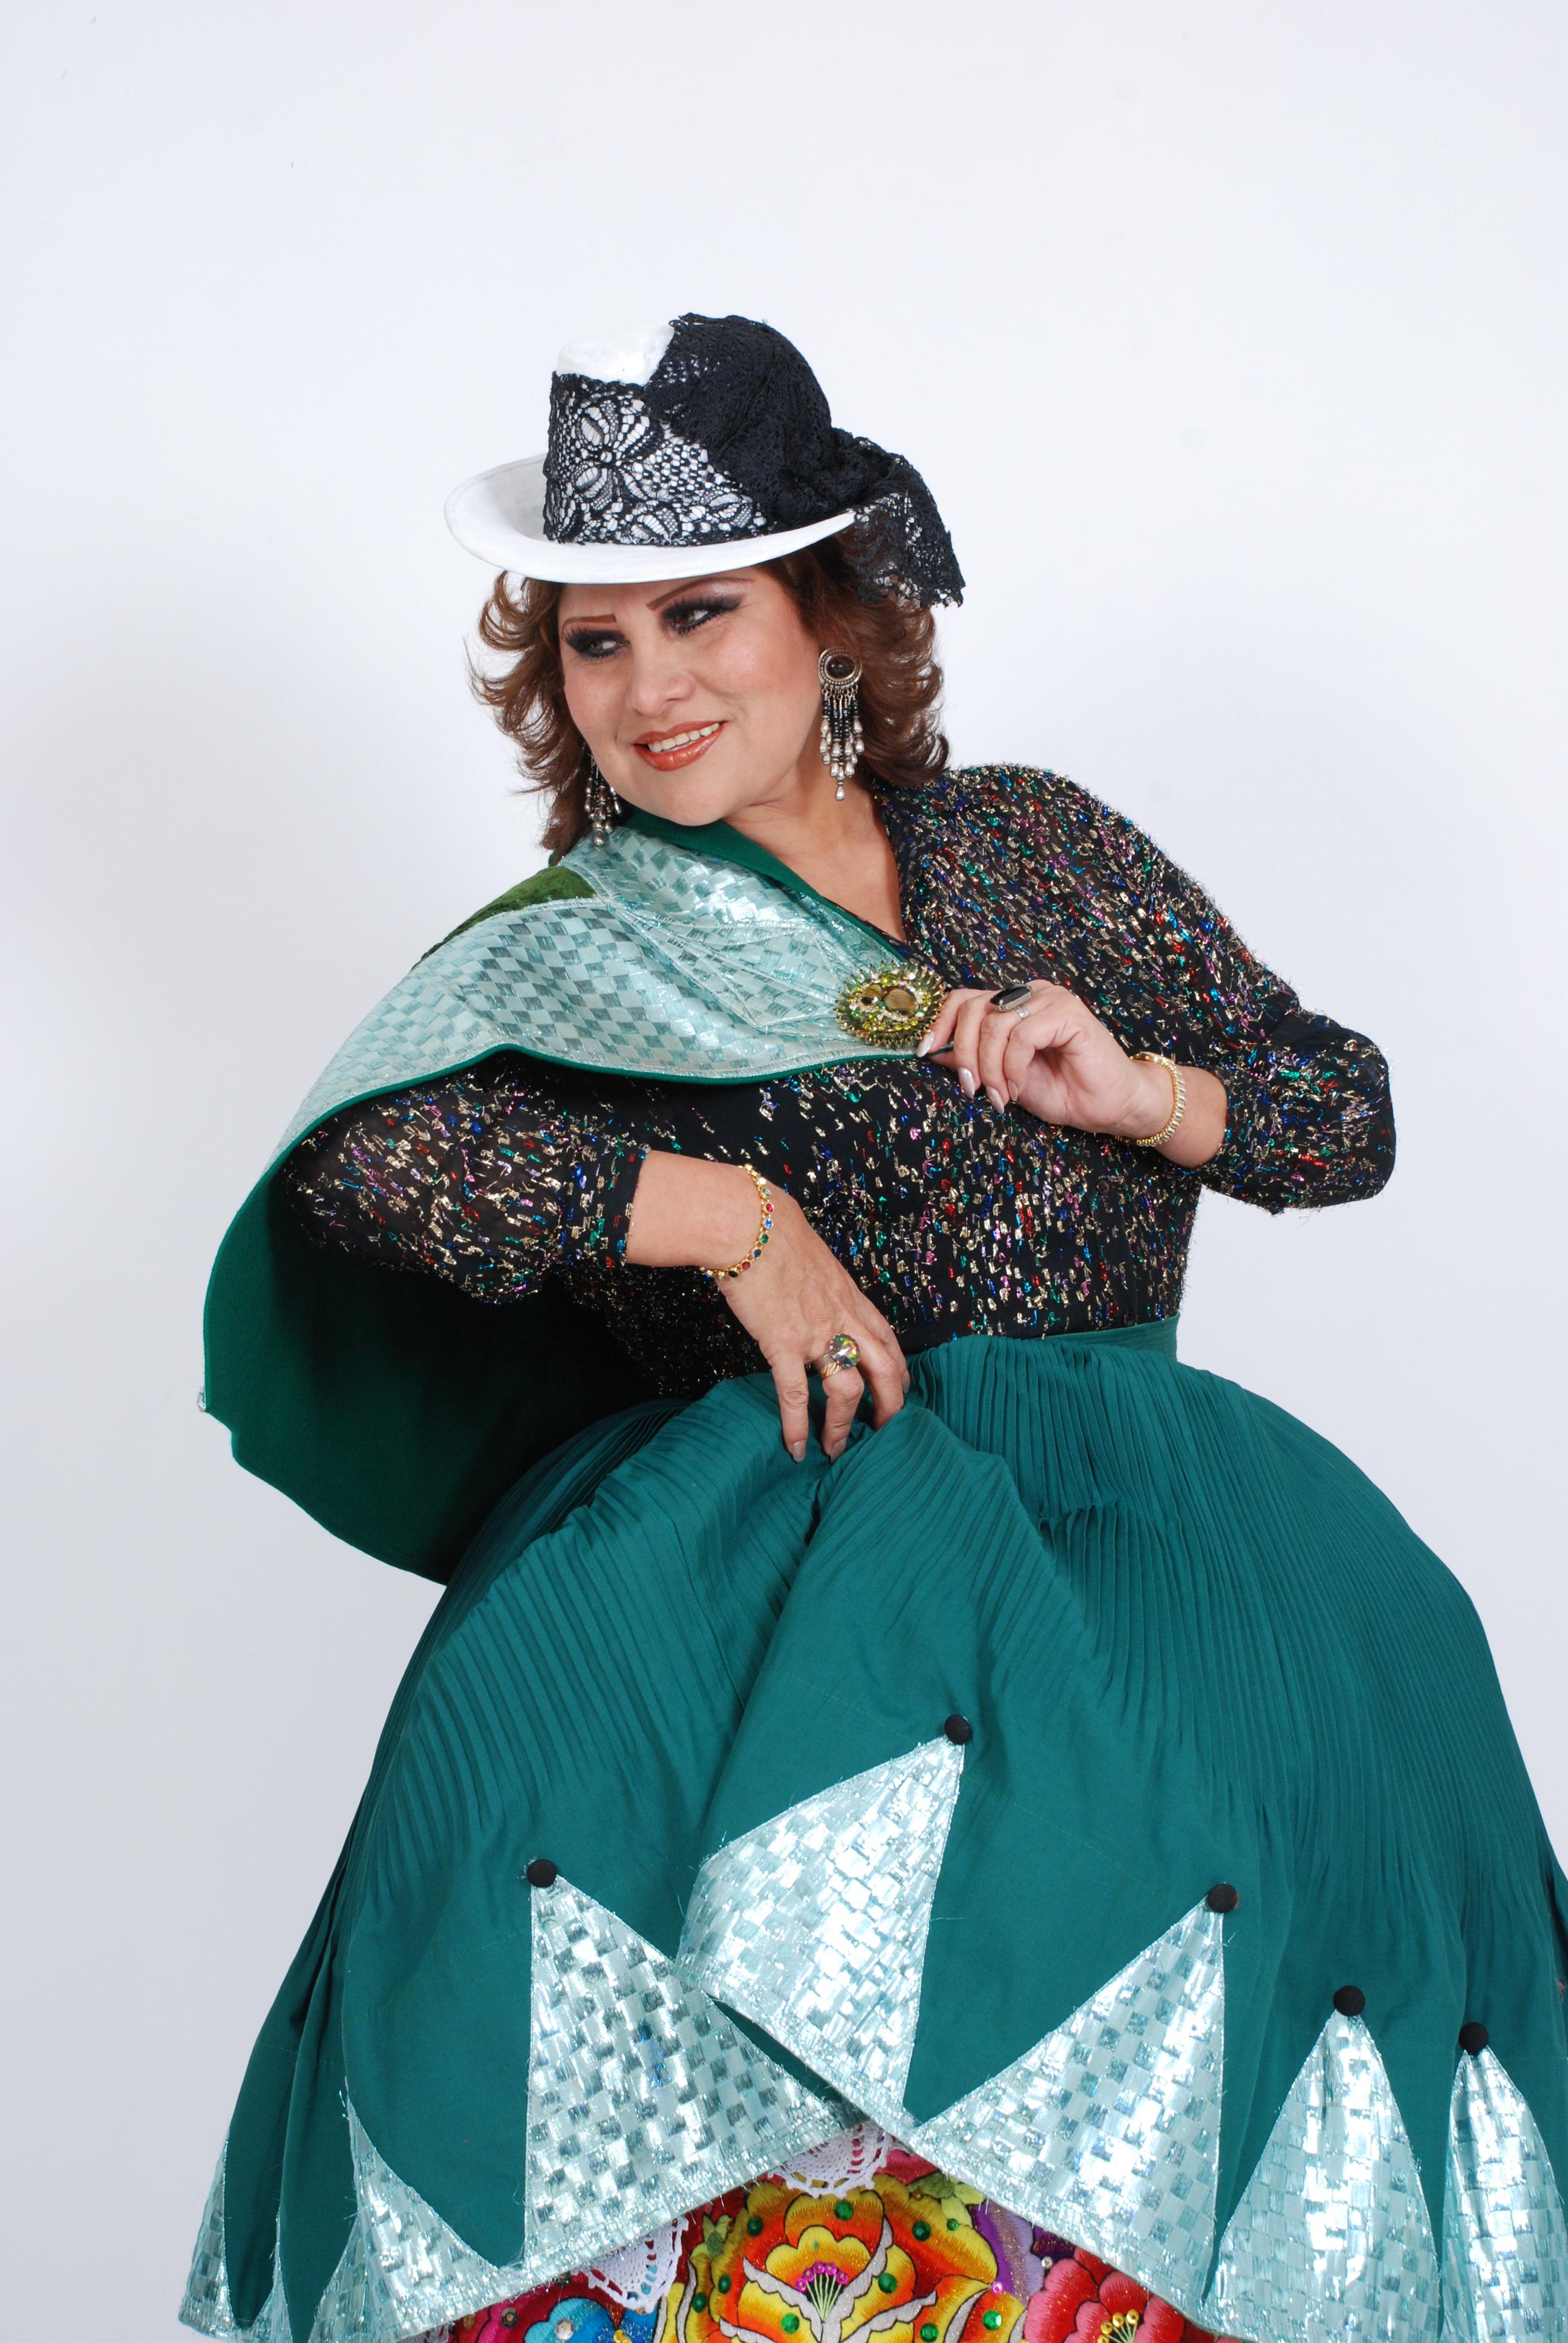 Amanda Rosa Revista amanda portales - wikipedia, la enciclopedia libre